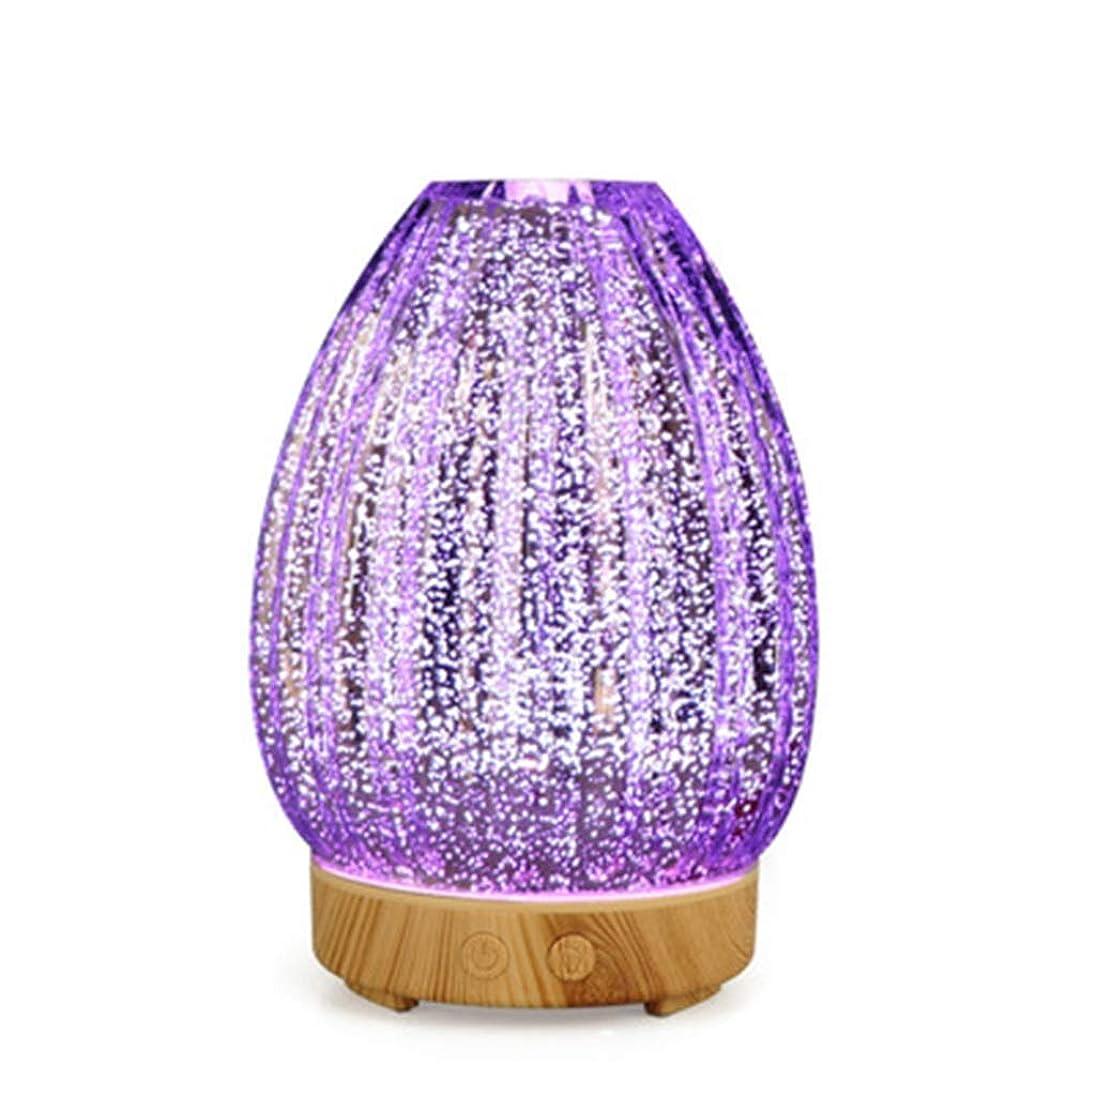 時間ダイエット桁クールミスト空気加湿器、ウォーターフリーオートクローズ、7 LEDカラー変更ライト付き、寝室のベビーレディの家の装飾に適して (Color : Light wood grain)